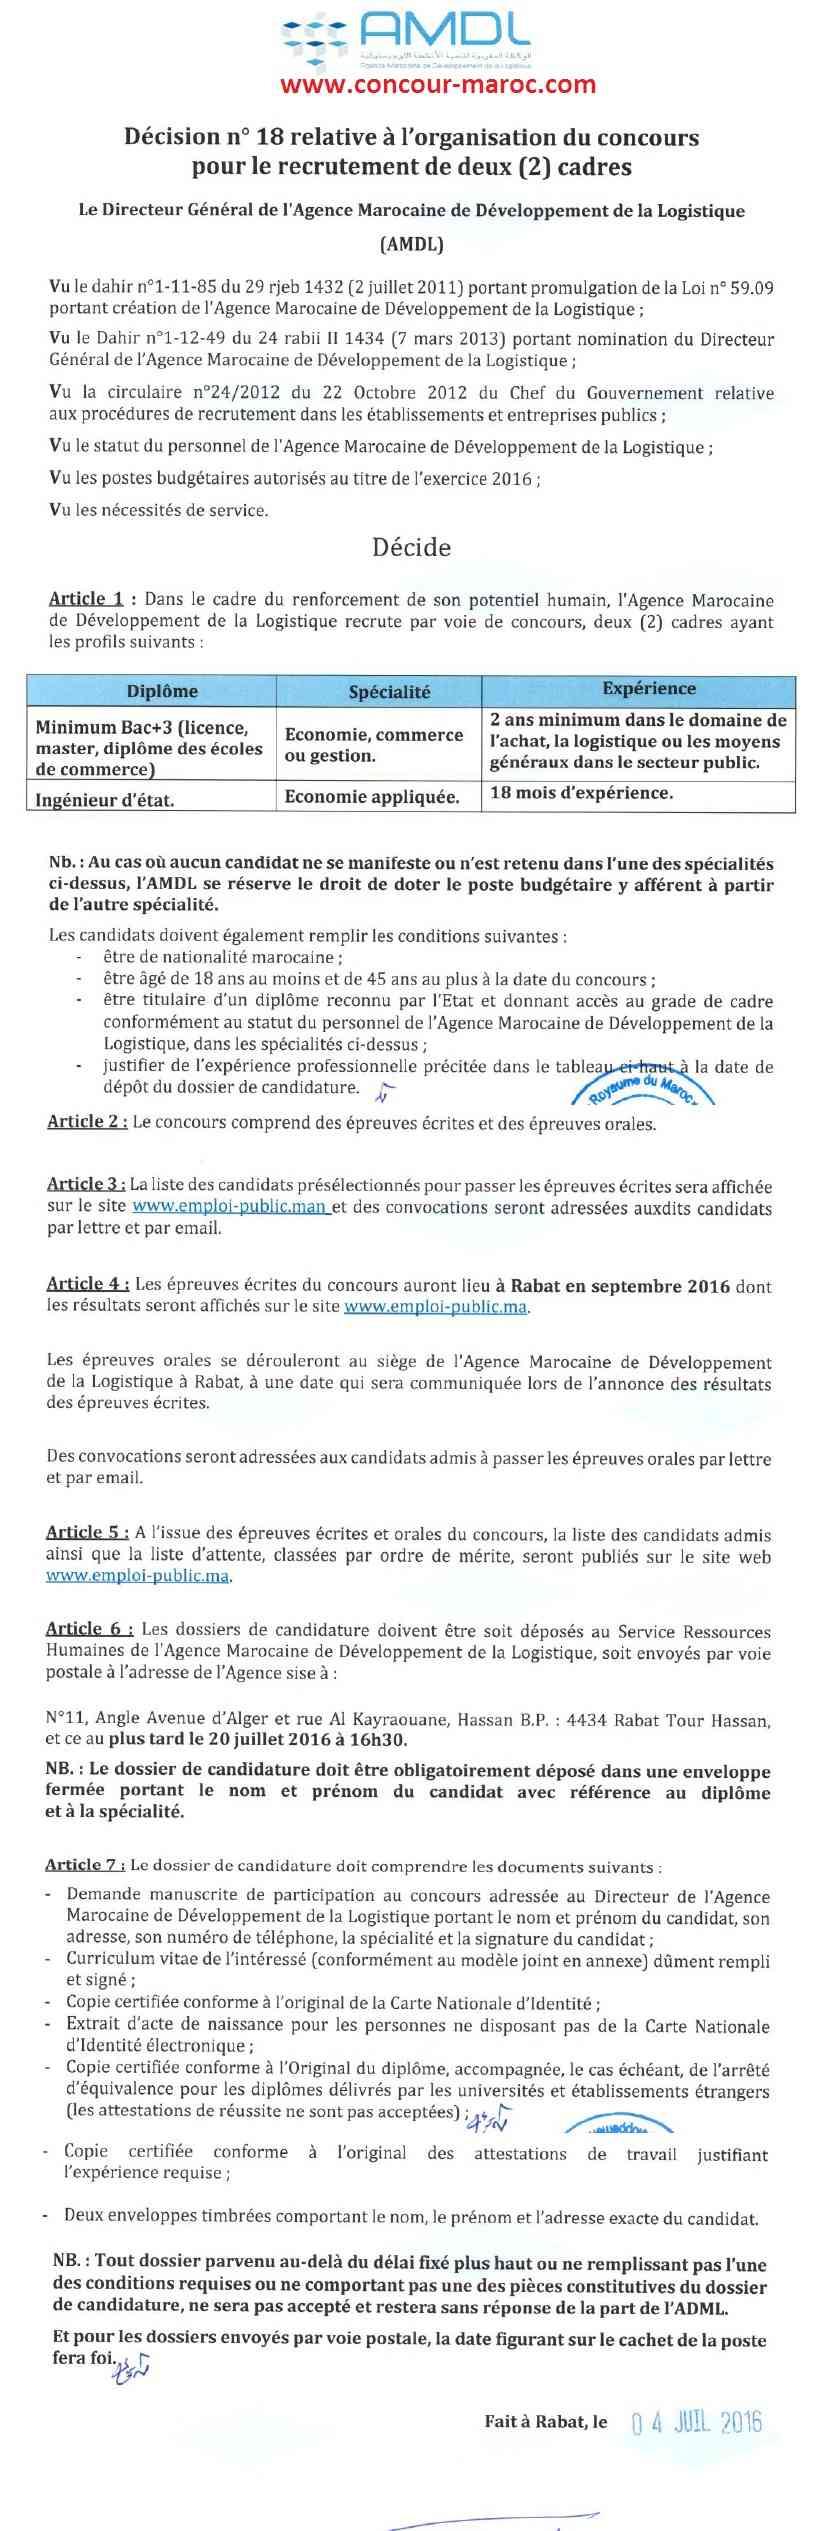 الوكالة المغربية لتنمية الأنشطة اللوجستيكية : مباراة لتوظيف عون تنفيذ (1 منصب) و إطار (2 منصبان) آخر أجل لإيداع الترشيحات 20 يوليوز 2016 Concou55